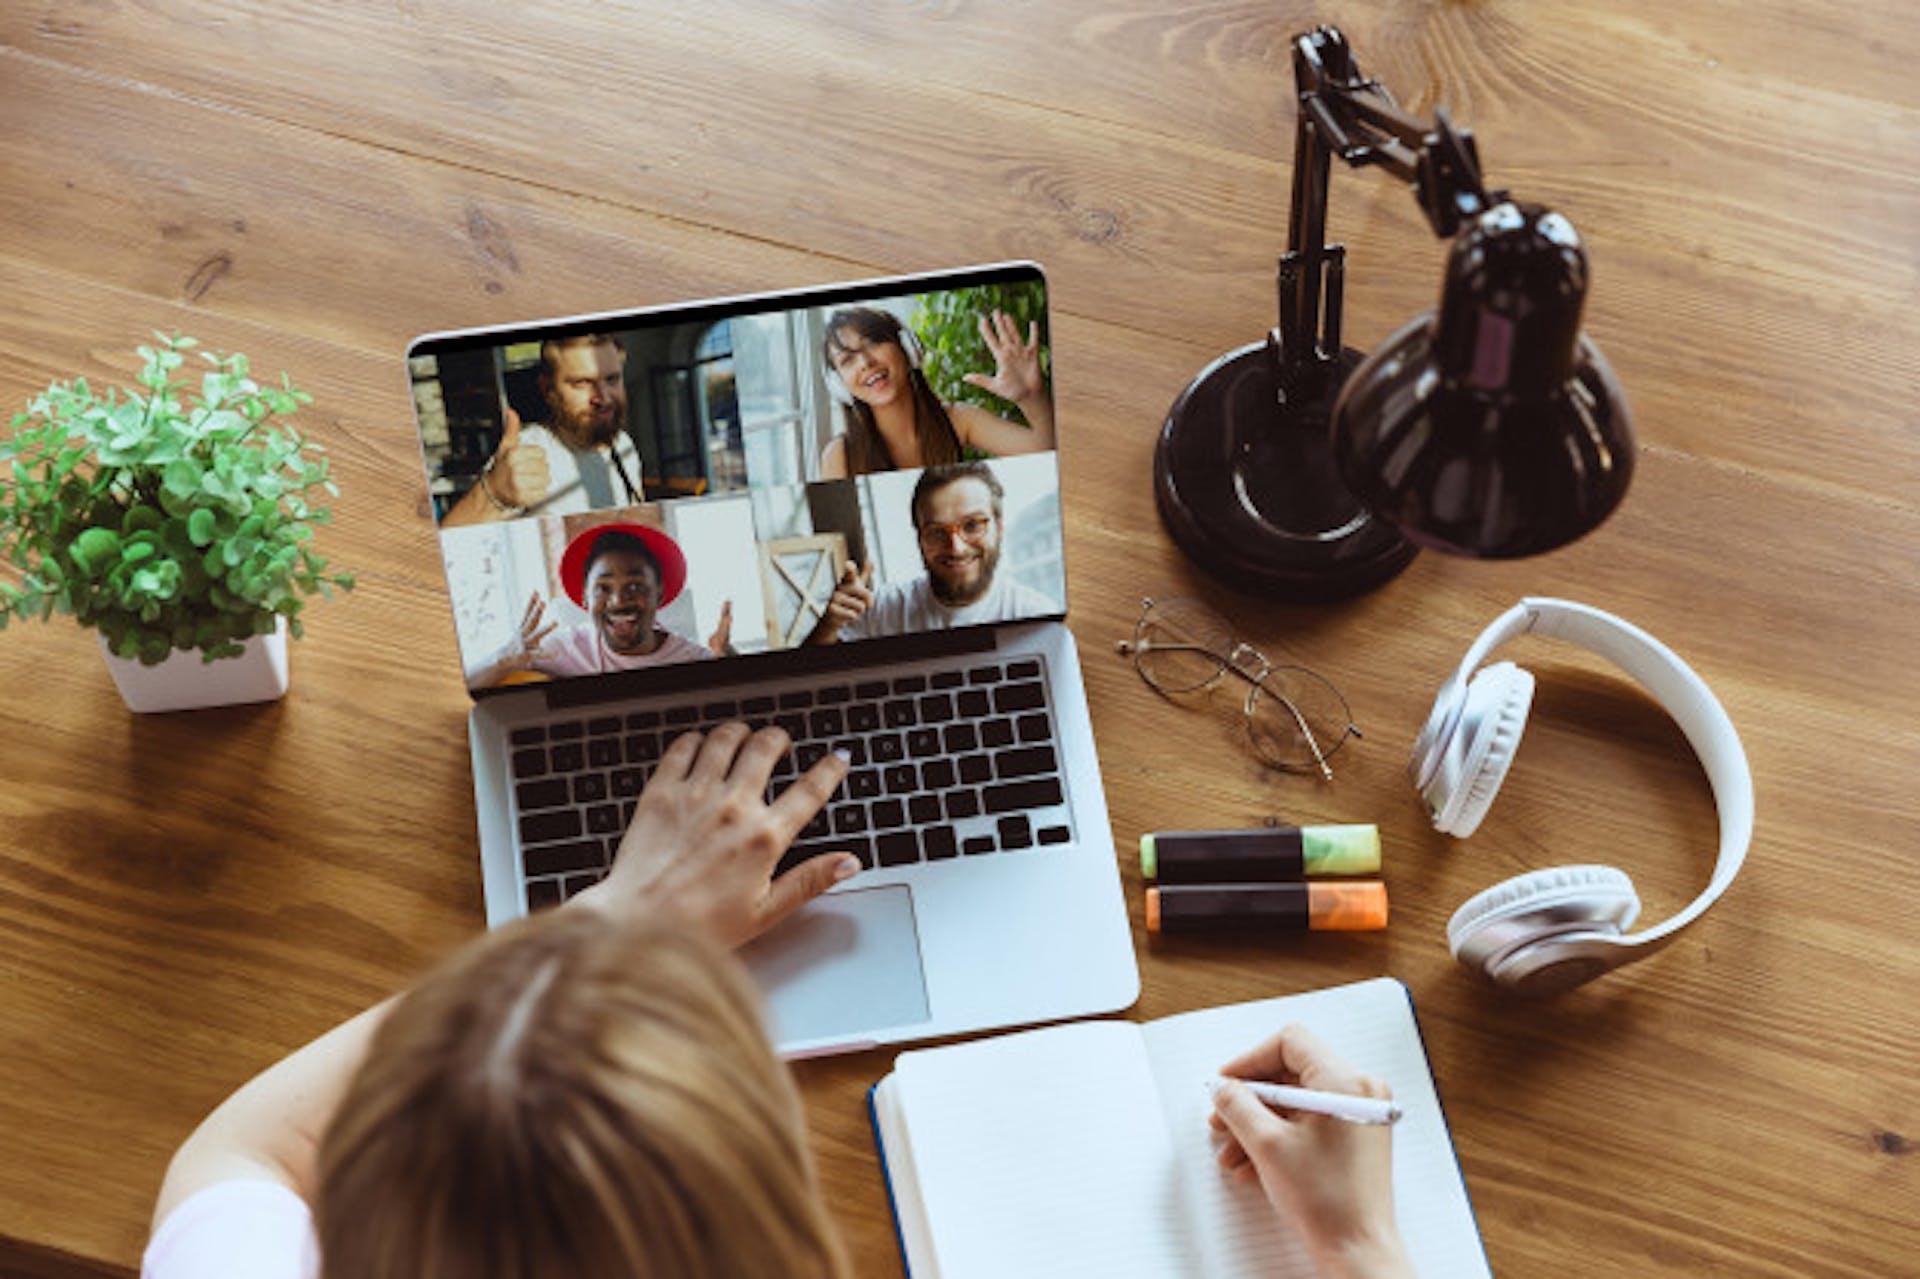 Autonomía en el trabajo: los beneficios de la flexibilidad laboral